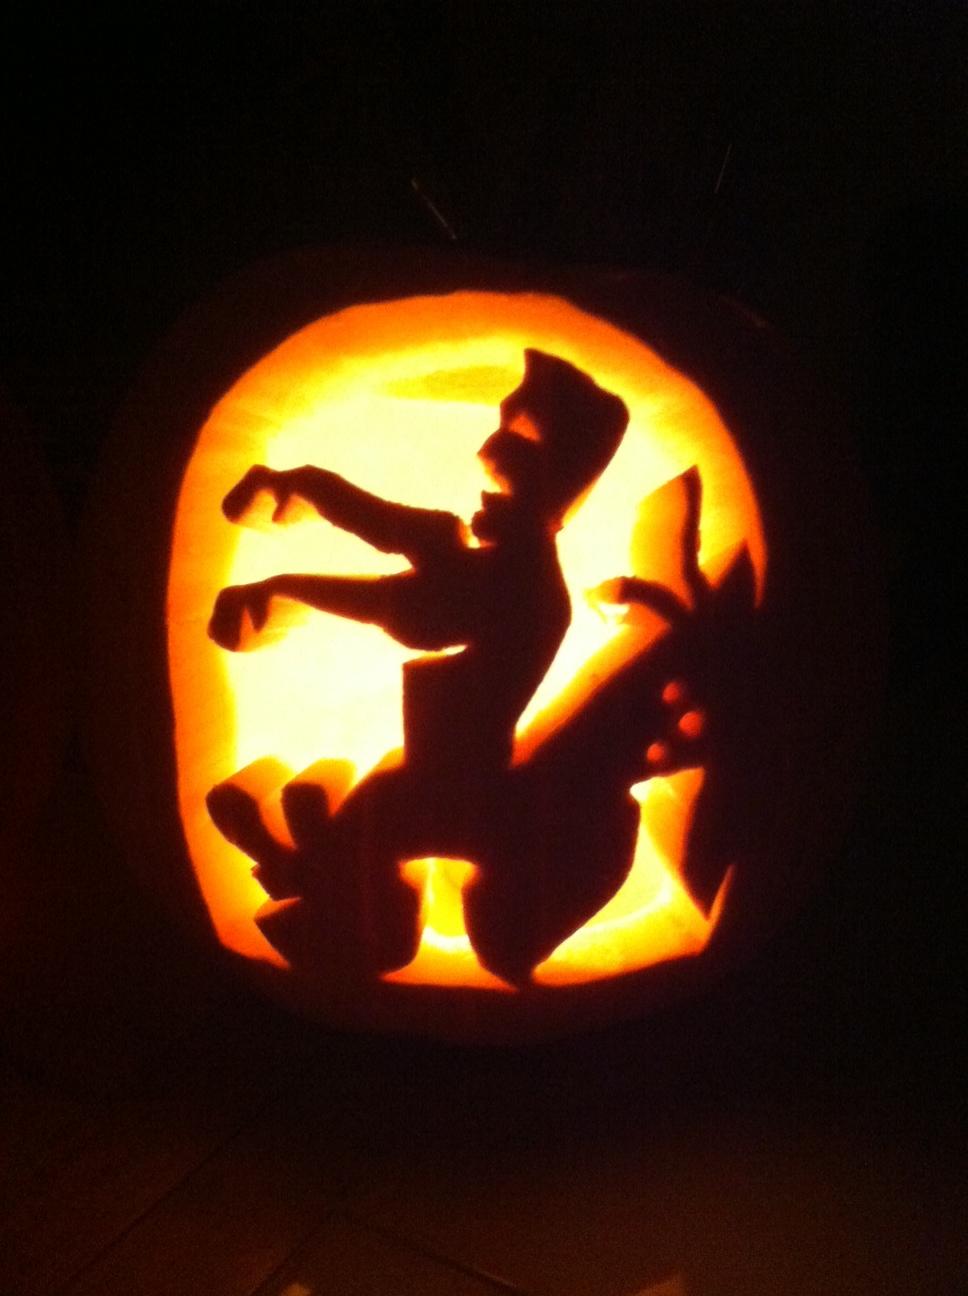 Frankenstein pumpkin 2012 by illustr8yourdream on deviantart for Frankenstein pumpkin templates